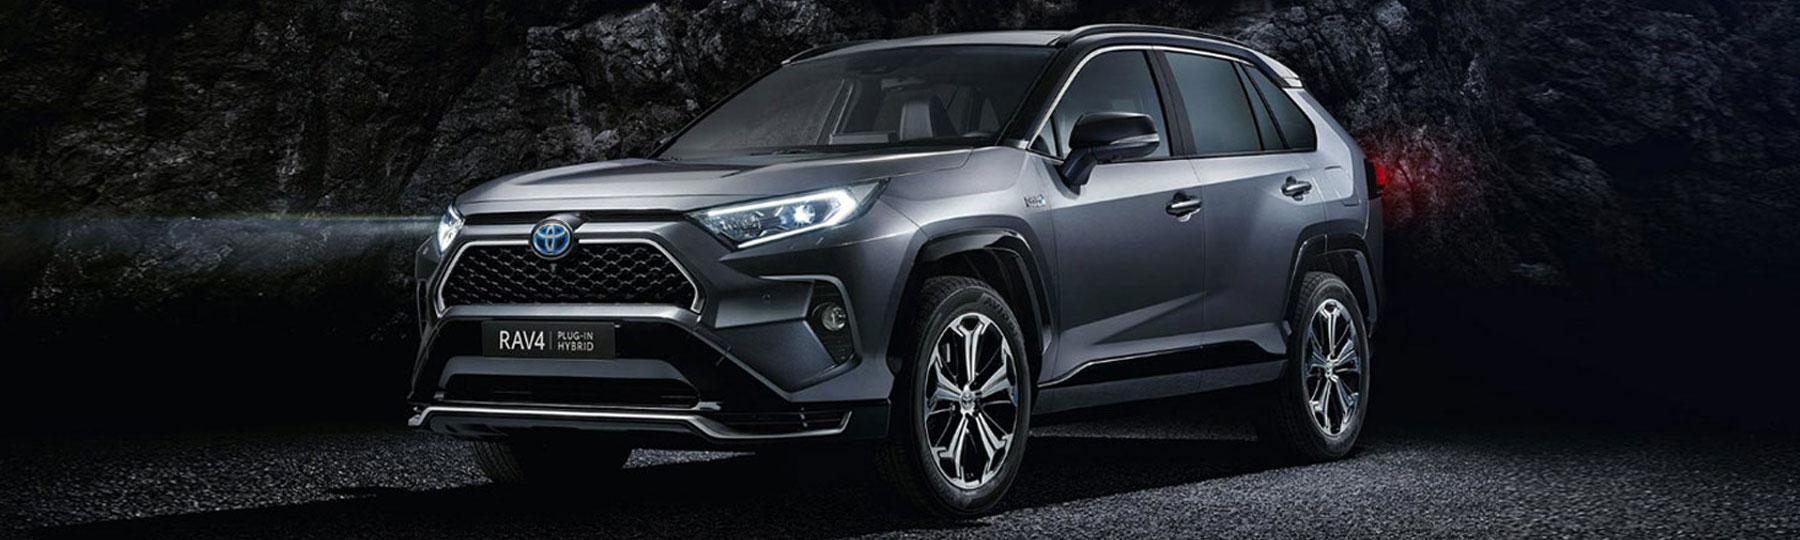 All New Toyota RAV4 Plug-in New Car Offer